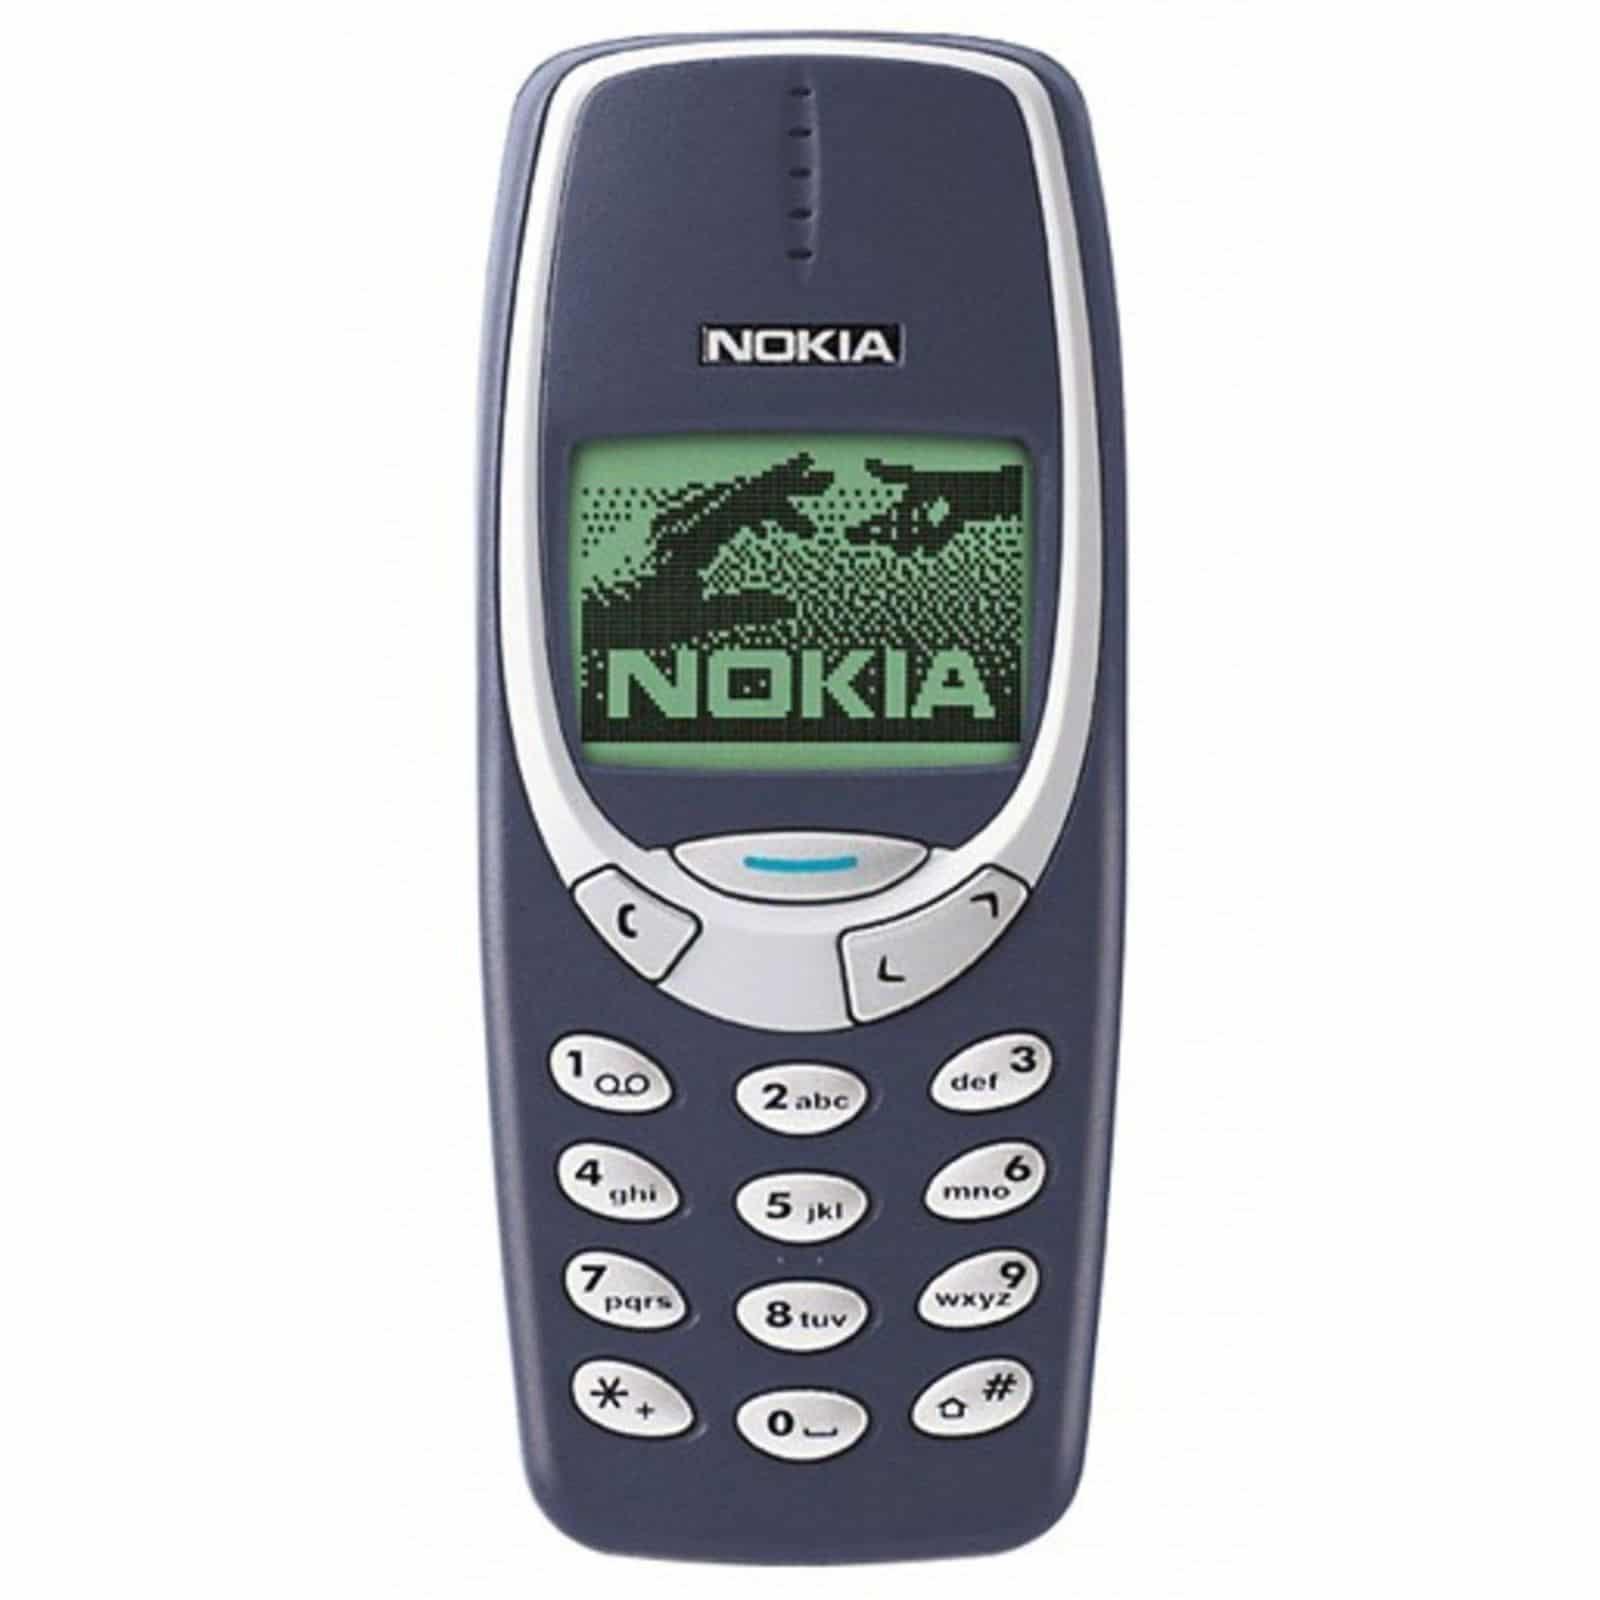 opiniones del Nokia 3310 chino